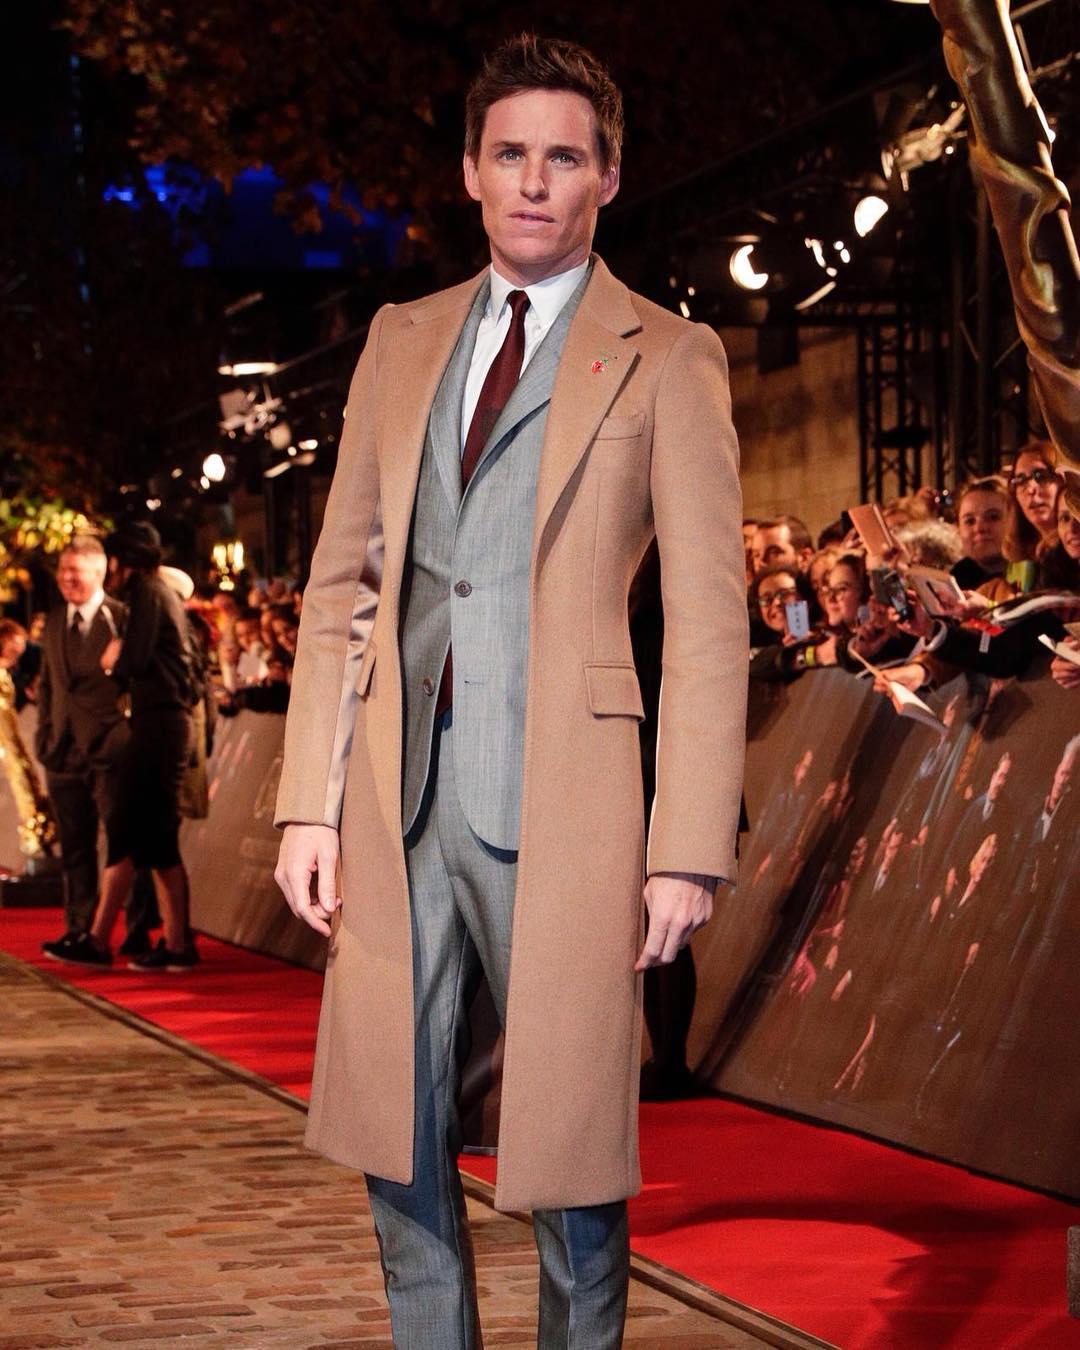 Eddie Redmayne xuất hiện trong top thời trang sao nam ấn tượng với phong cách cổ điển sang trọng. Ảnh: Instagram @alexandermcqueen